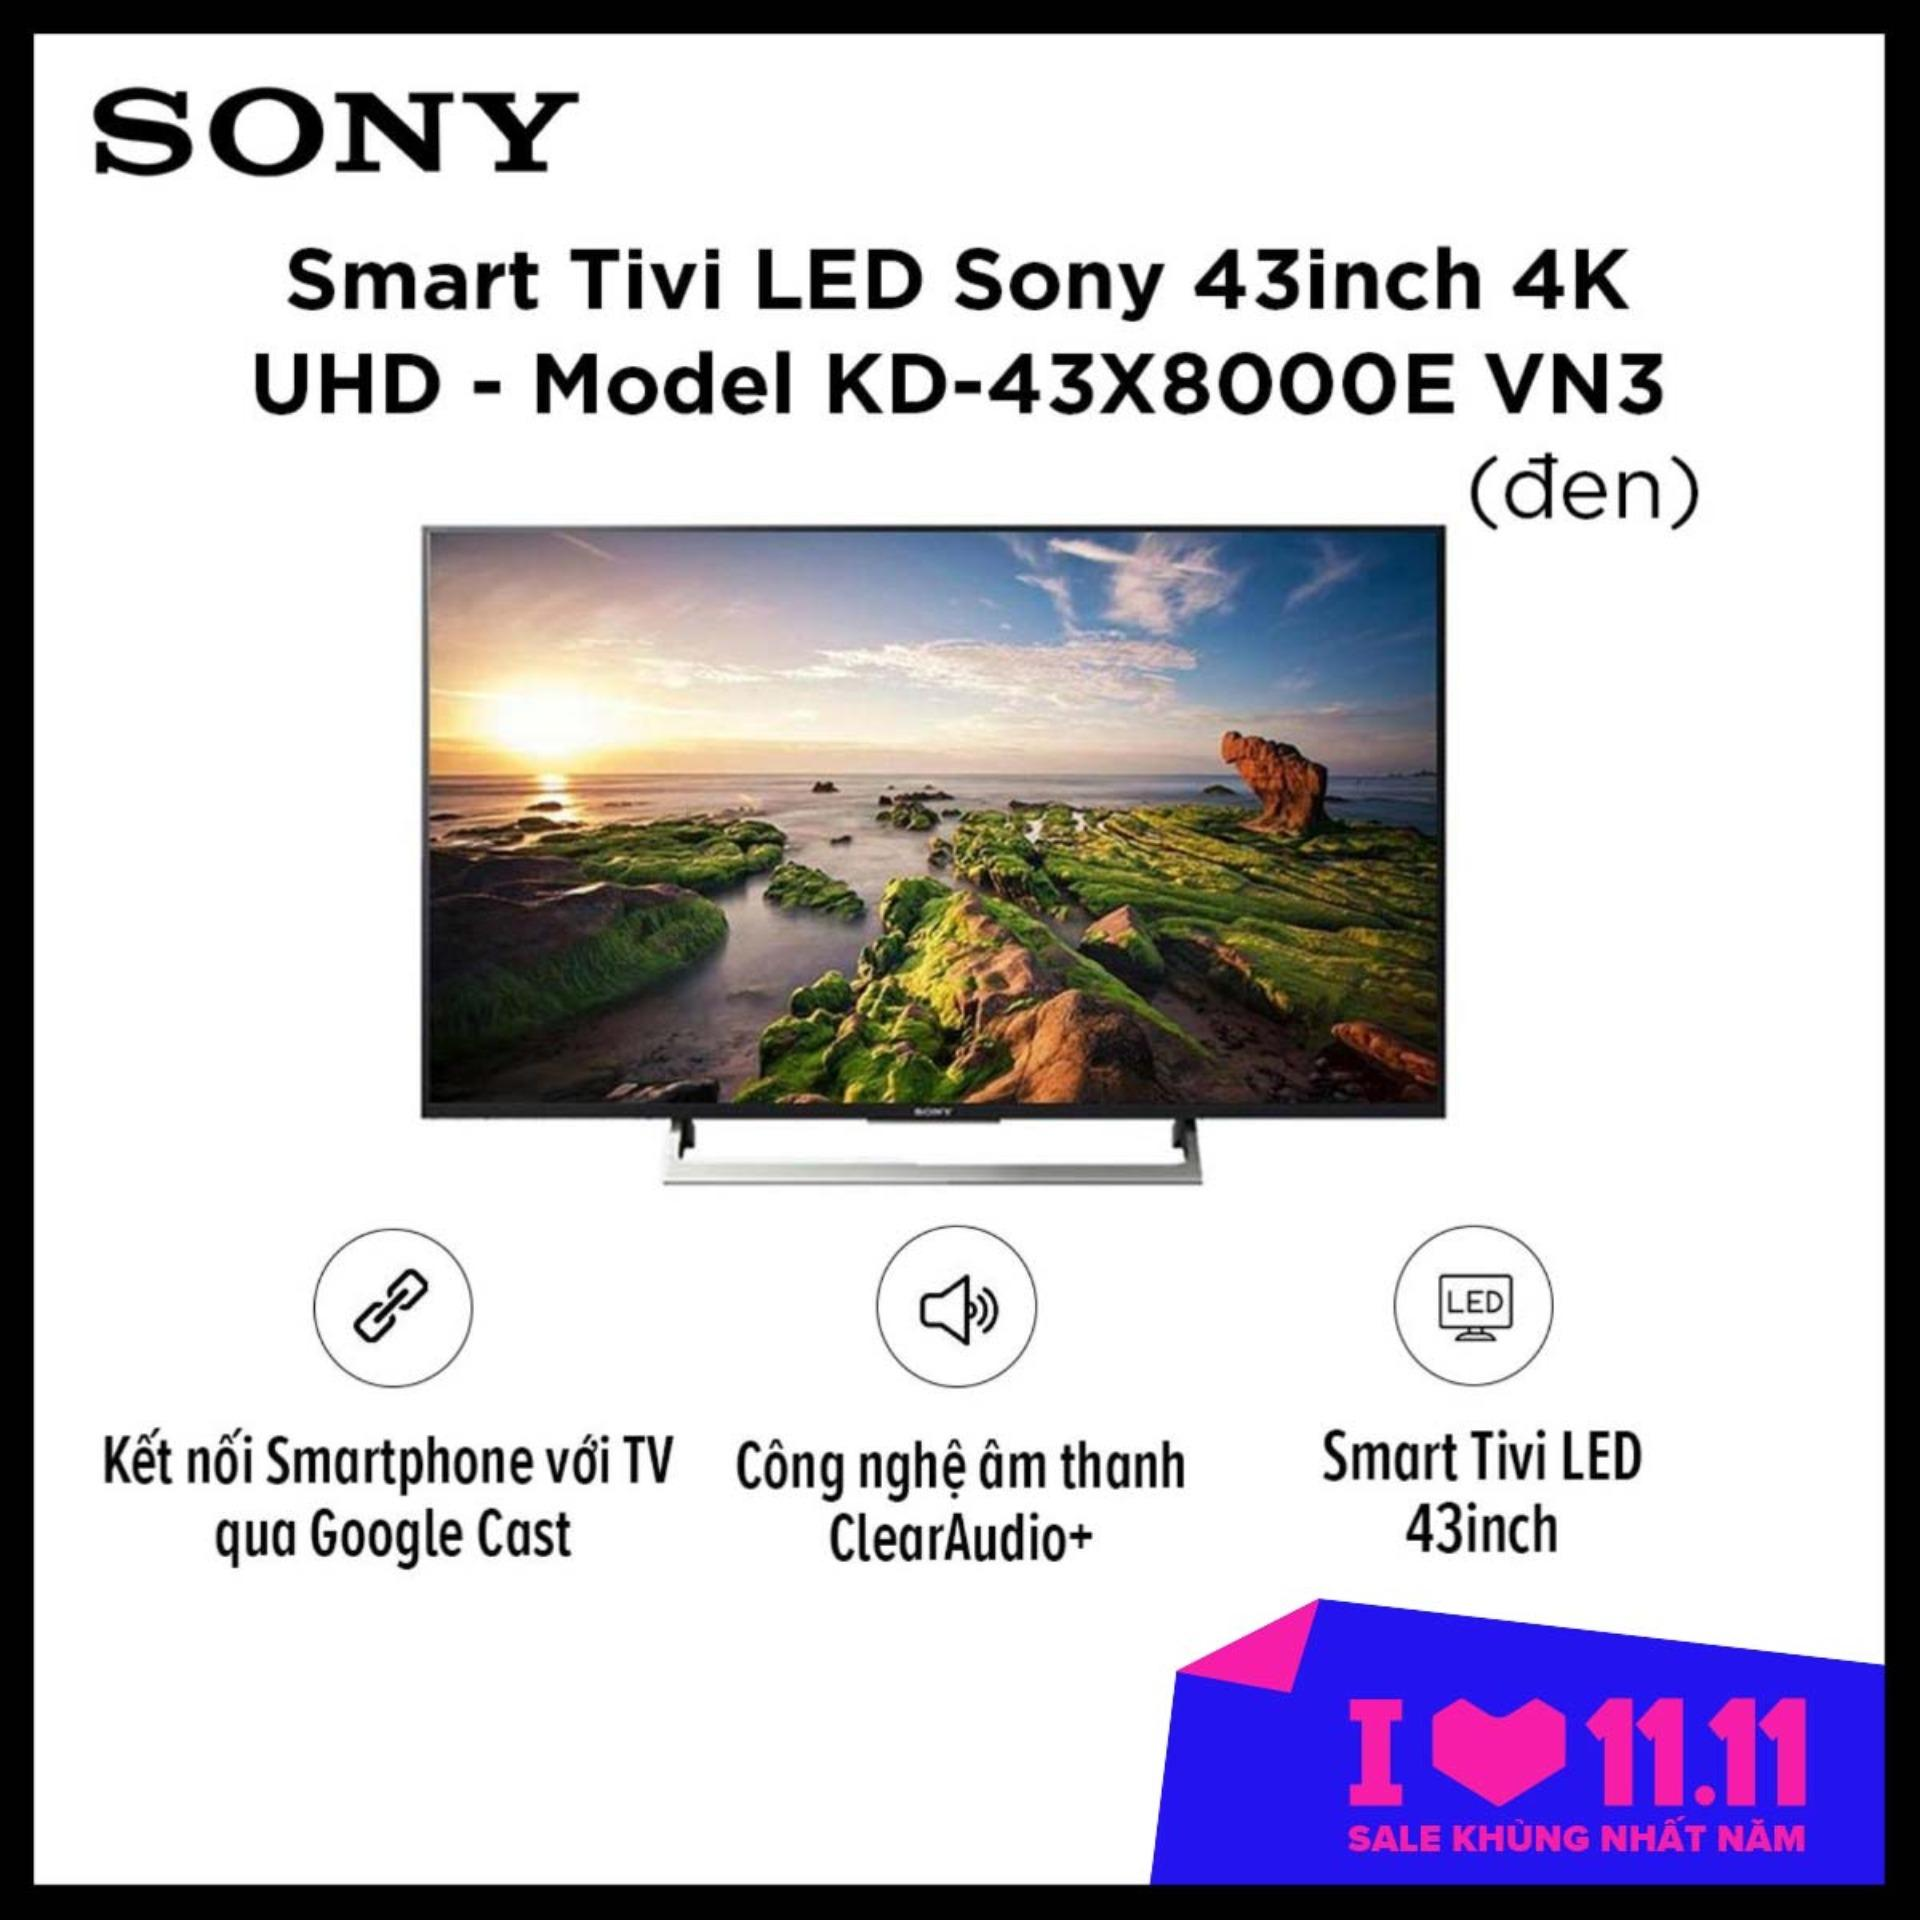 Bảng giá Smart Tivi LED Sony 43inch 4K UHD - Model KD-43X8000E VN3 (Đen)